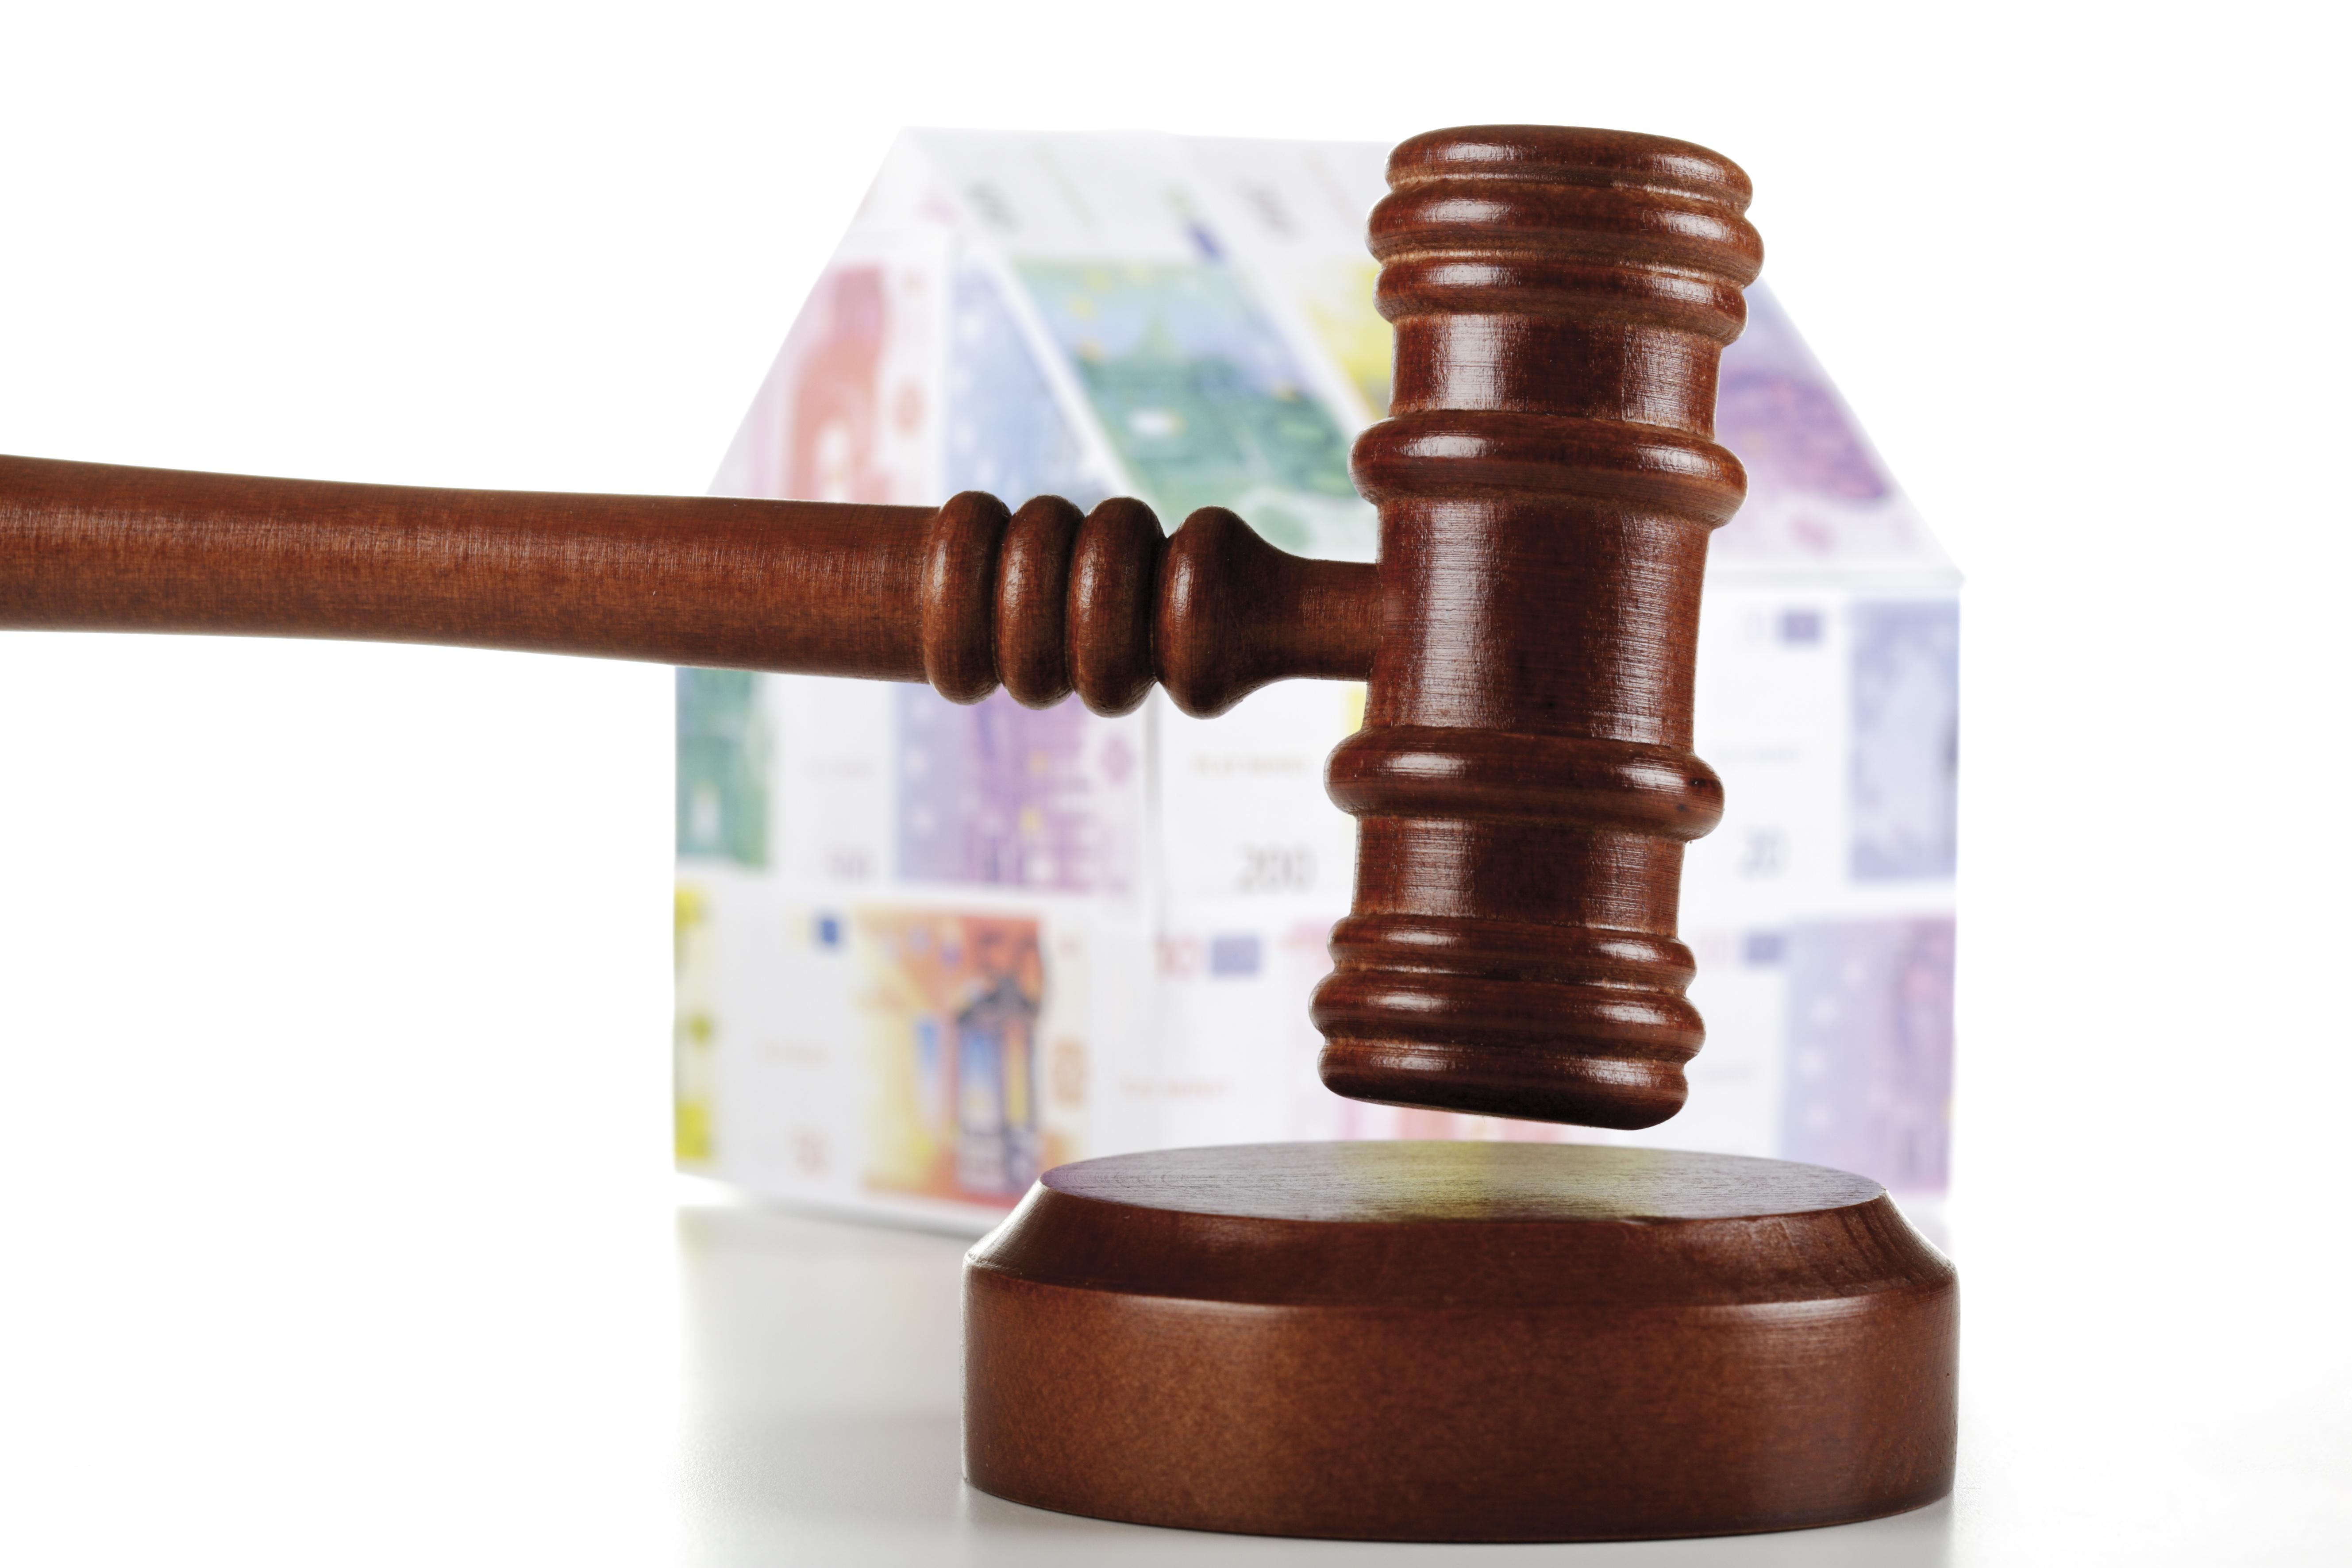 la banca sigue adjudicándose viviendas por el 50% en las subastas pese a la nueva ley